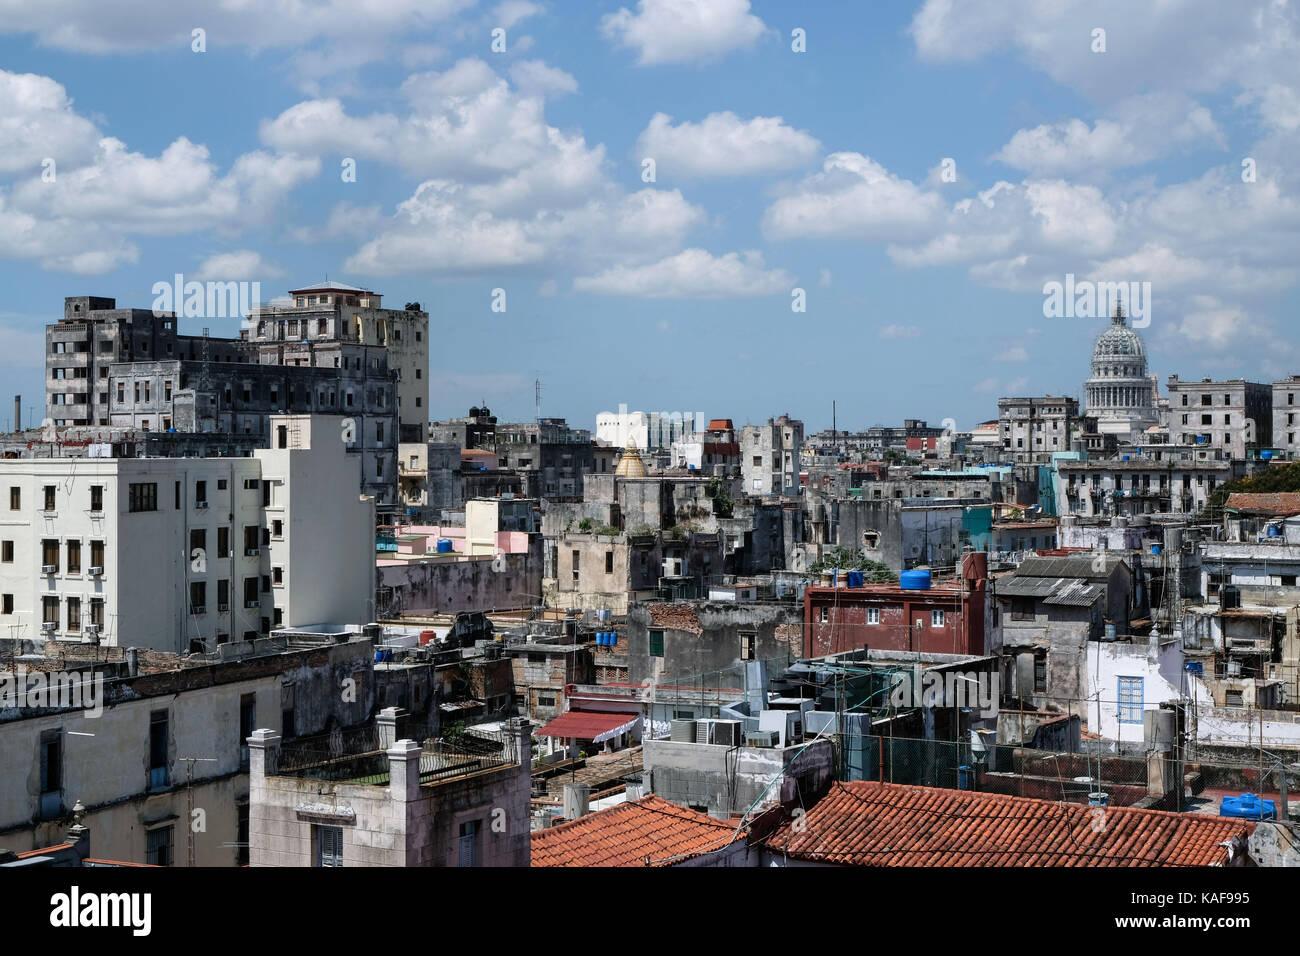 The view over the rooftops of Centro Habana and Habana Vieja in Havana, Cuba.  Ian Hinchliffe / ianrichardhinchliffe.co.uk - Stock Image